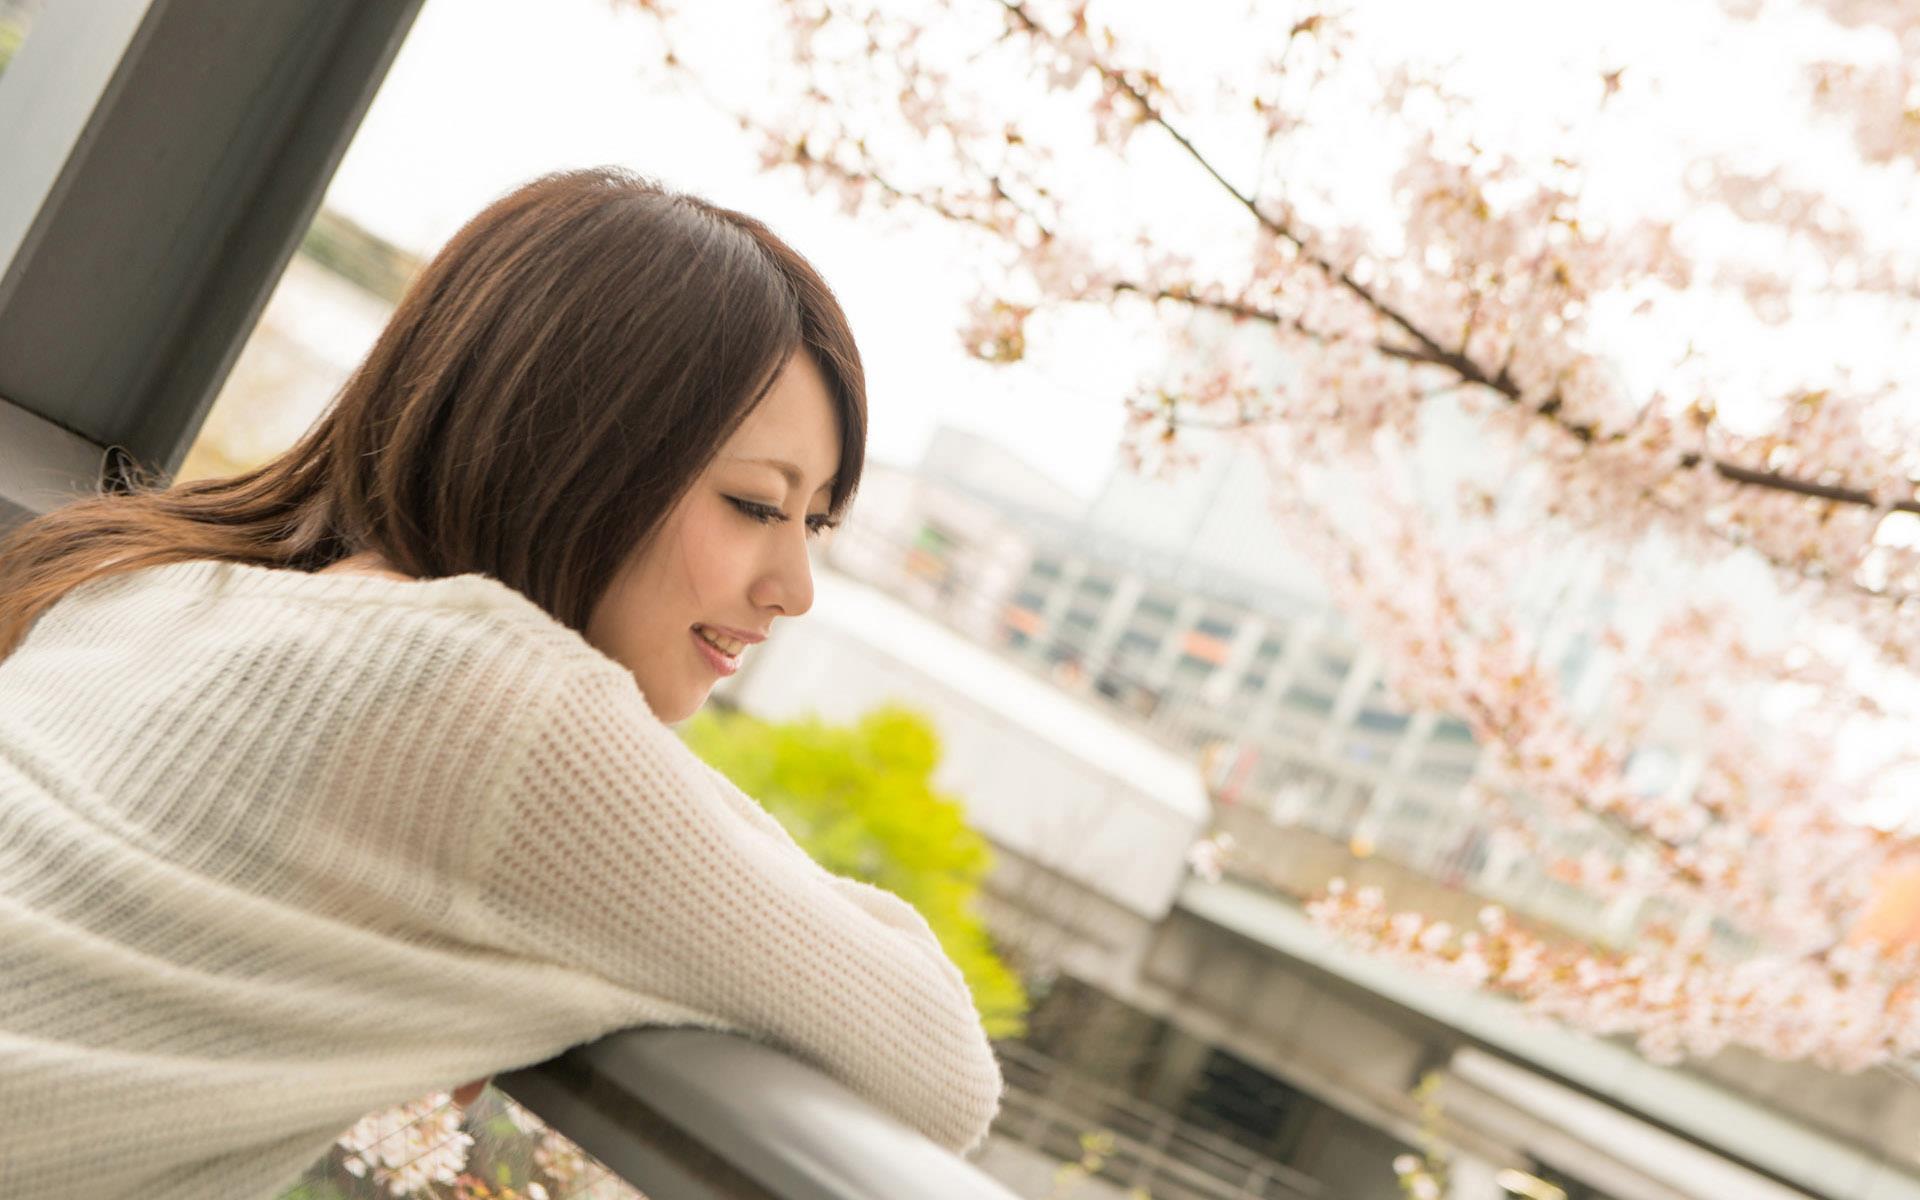 桜井あゆ 画像 3